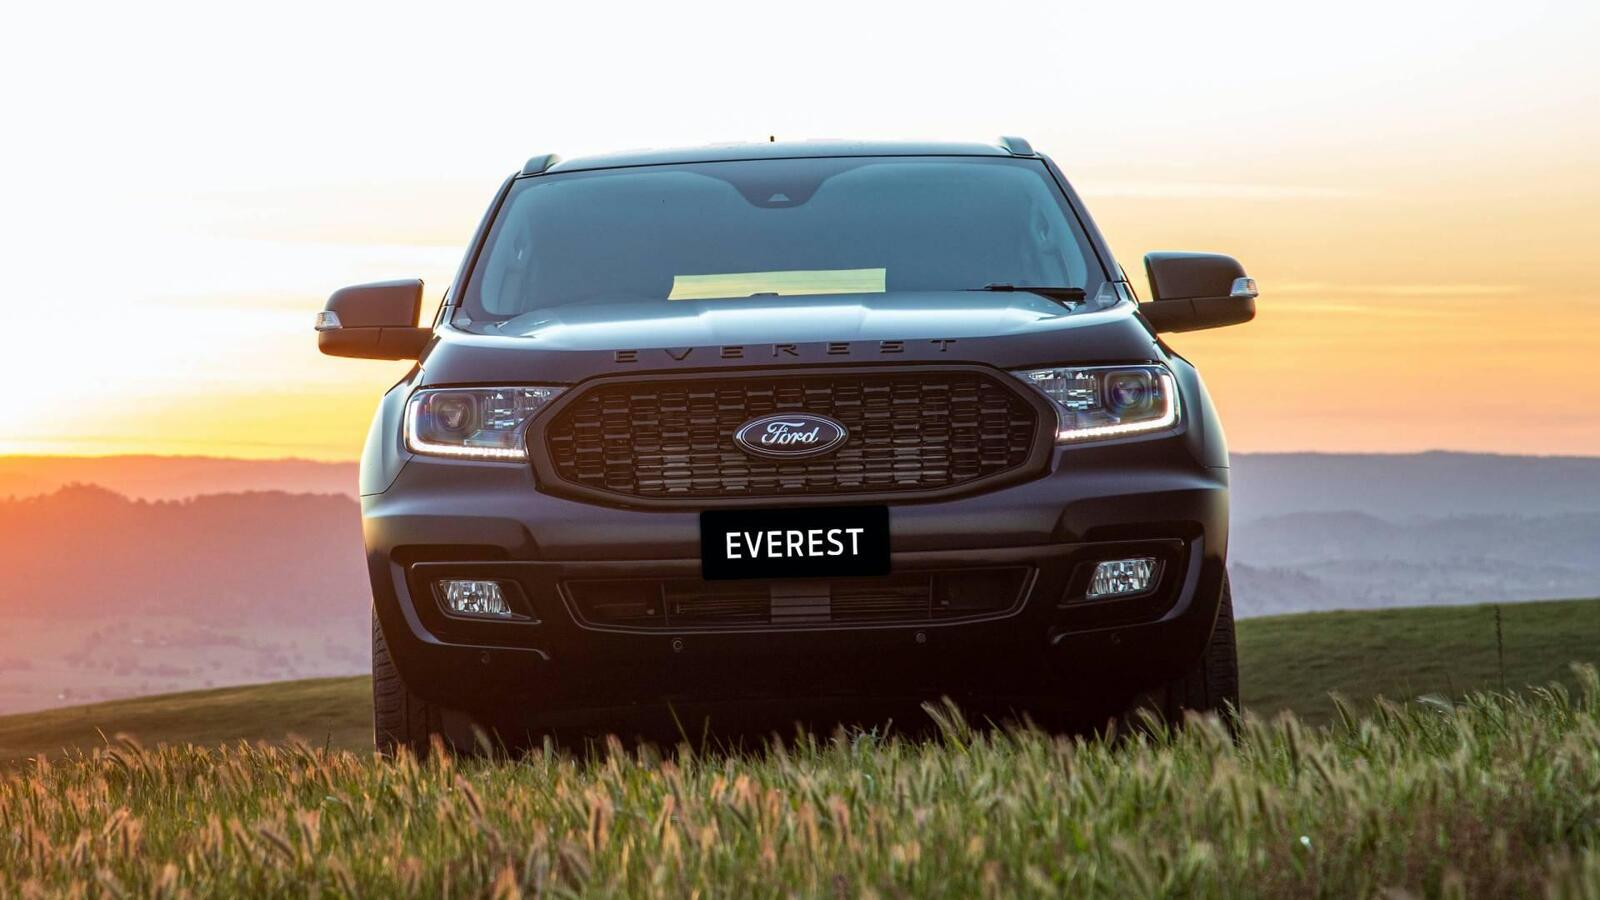 Ford everest sport 2020 ra mắt với diện mạo ngầu hơn